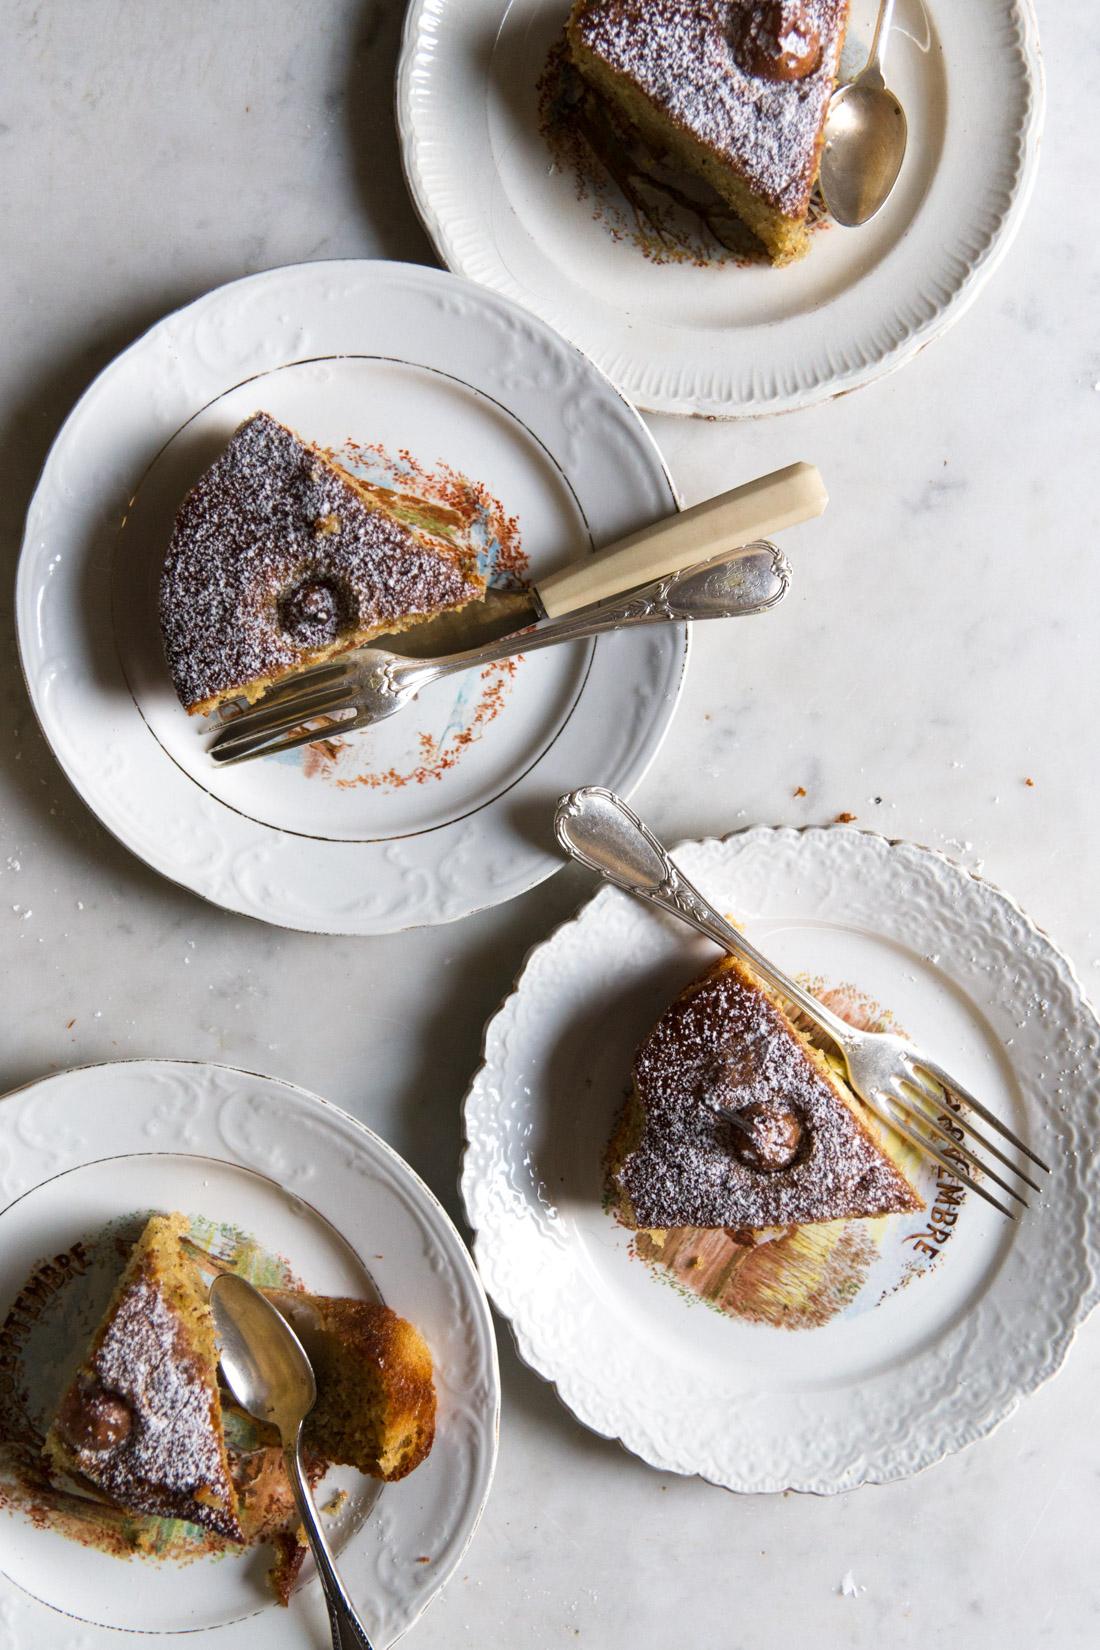 gateau-aux-poires-et-huile-dolive-ophelie-lauret-ophelies-kitchen-book-20